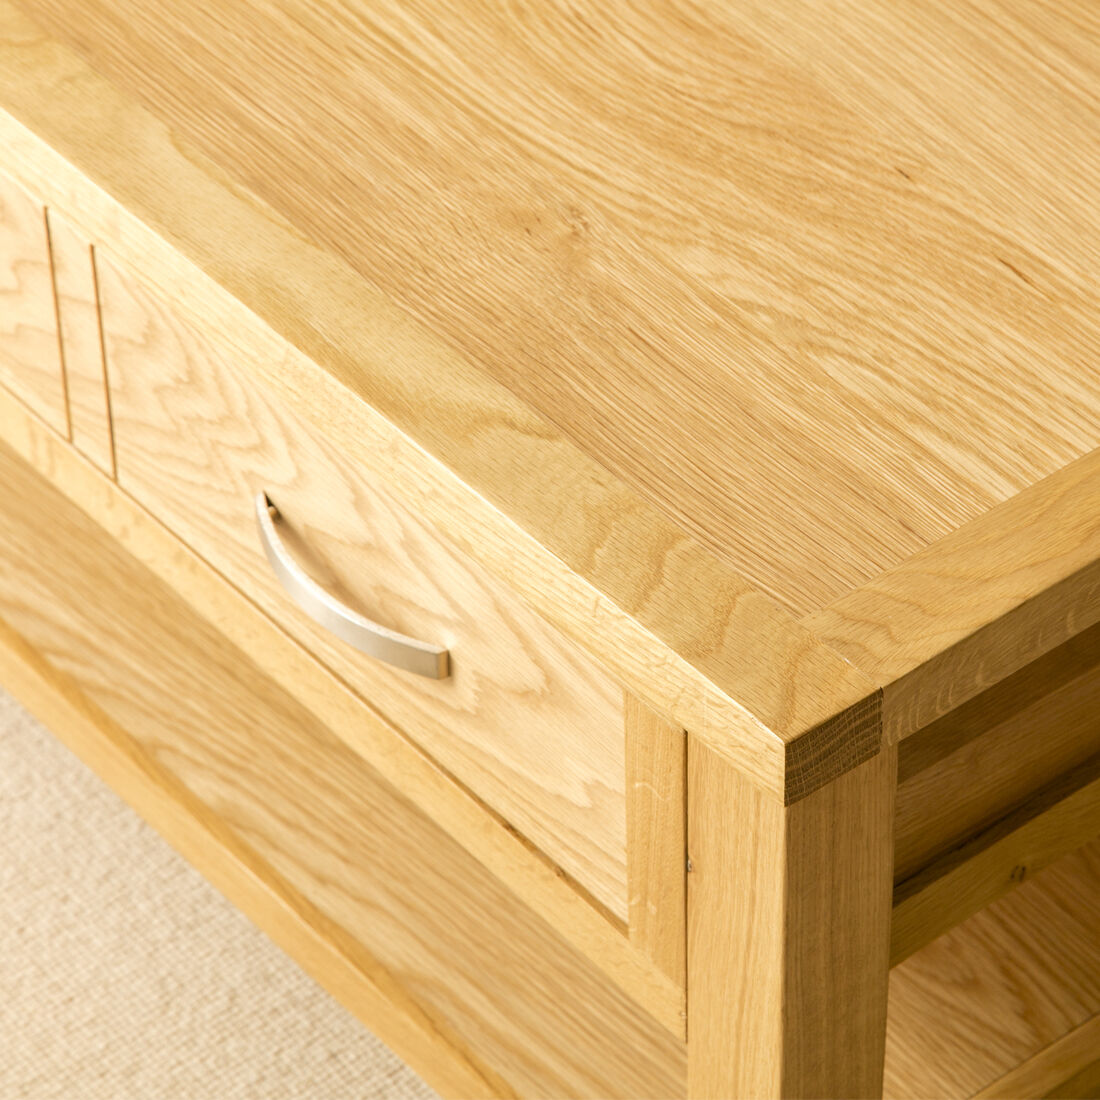 Londres Roble Mesa De Café / Luz Salón De Roble Mesa De Salón Luz / sólida mesa de madera / Nuevo 6cff14